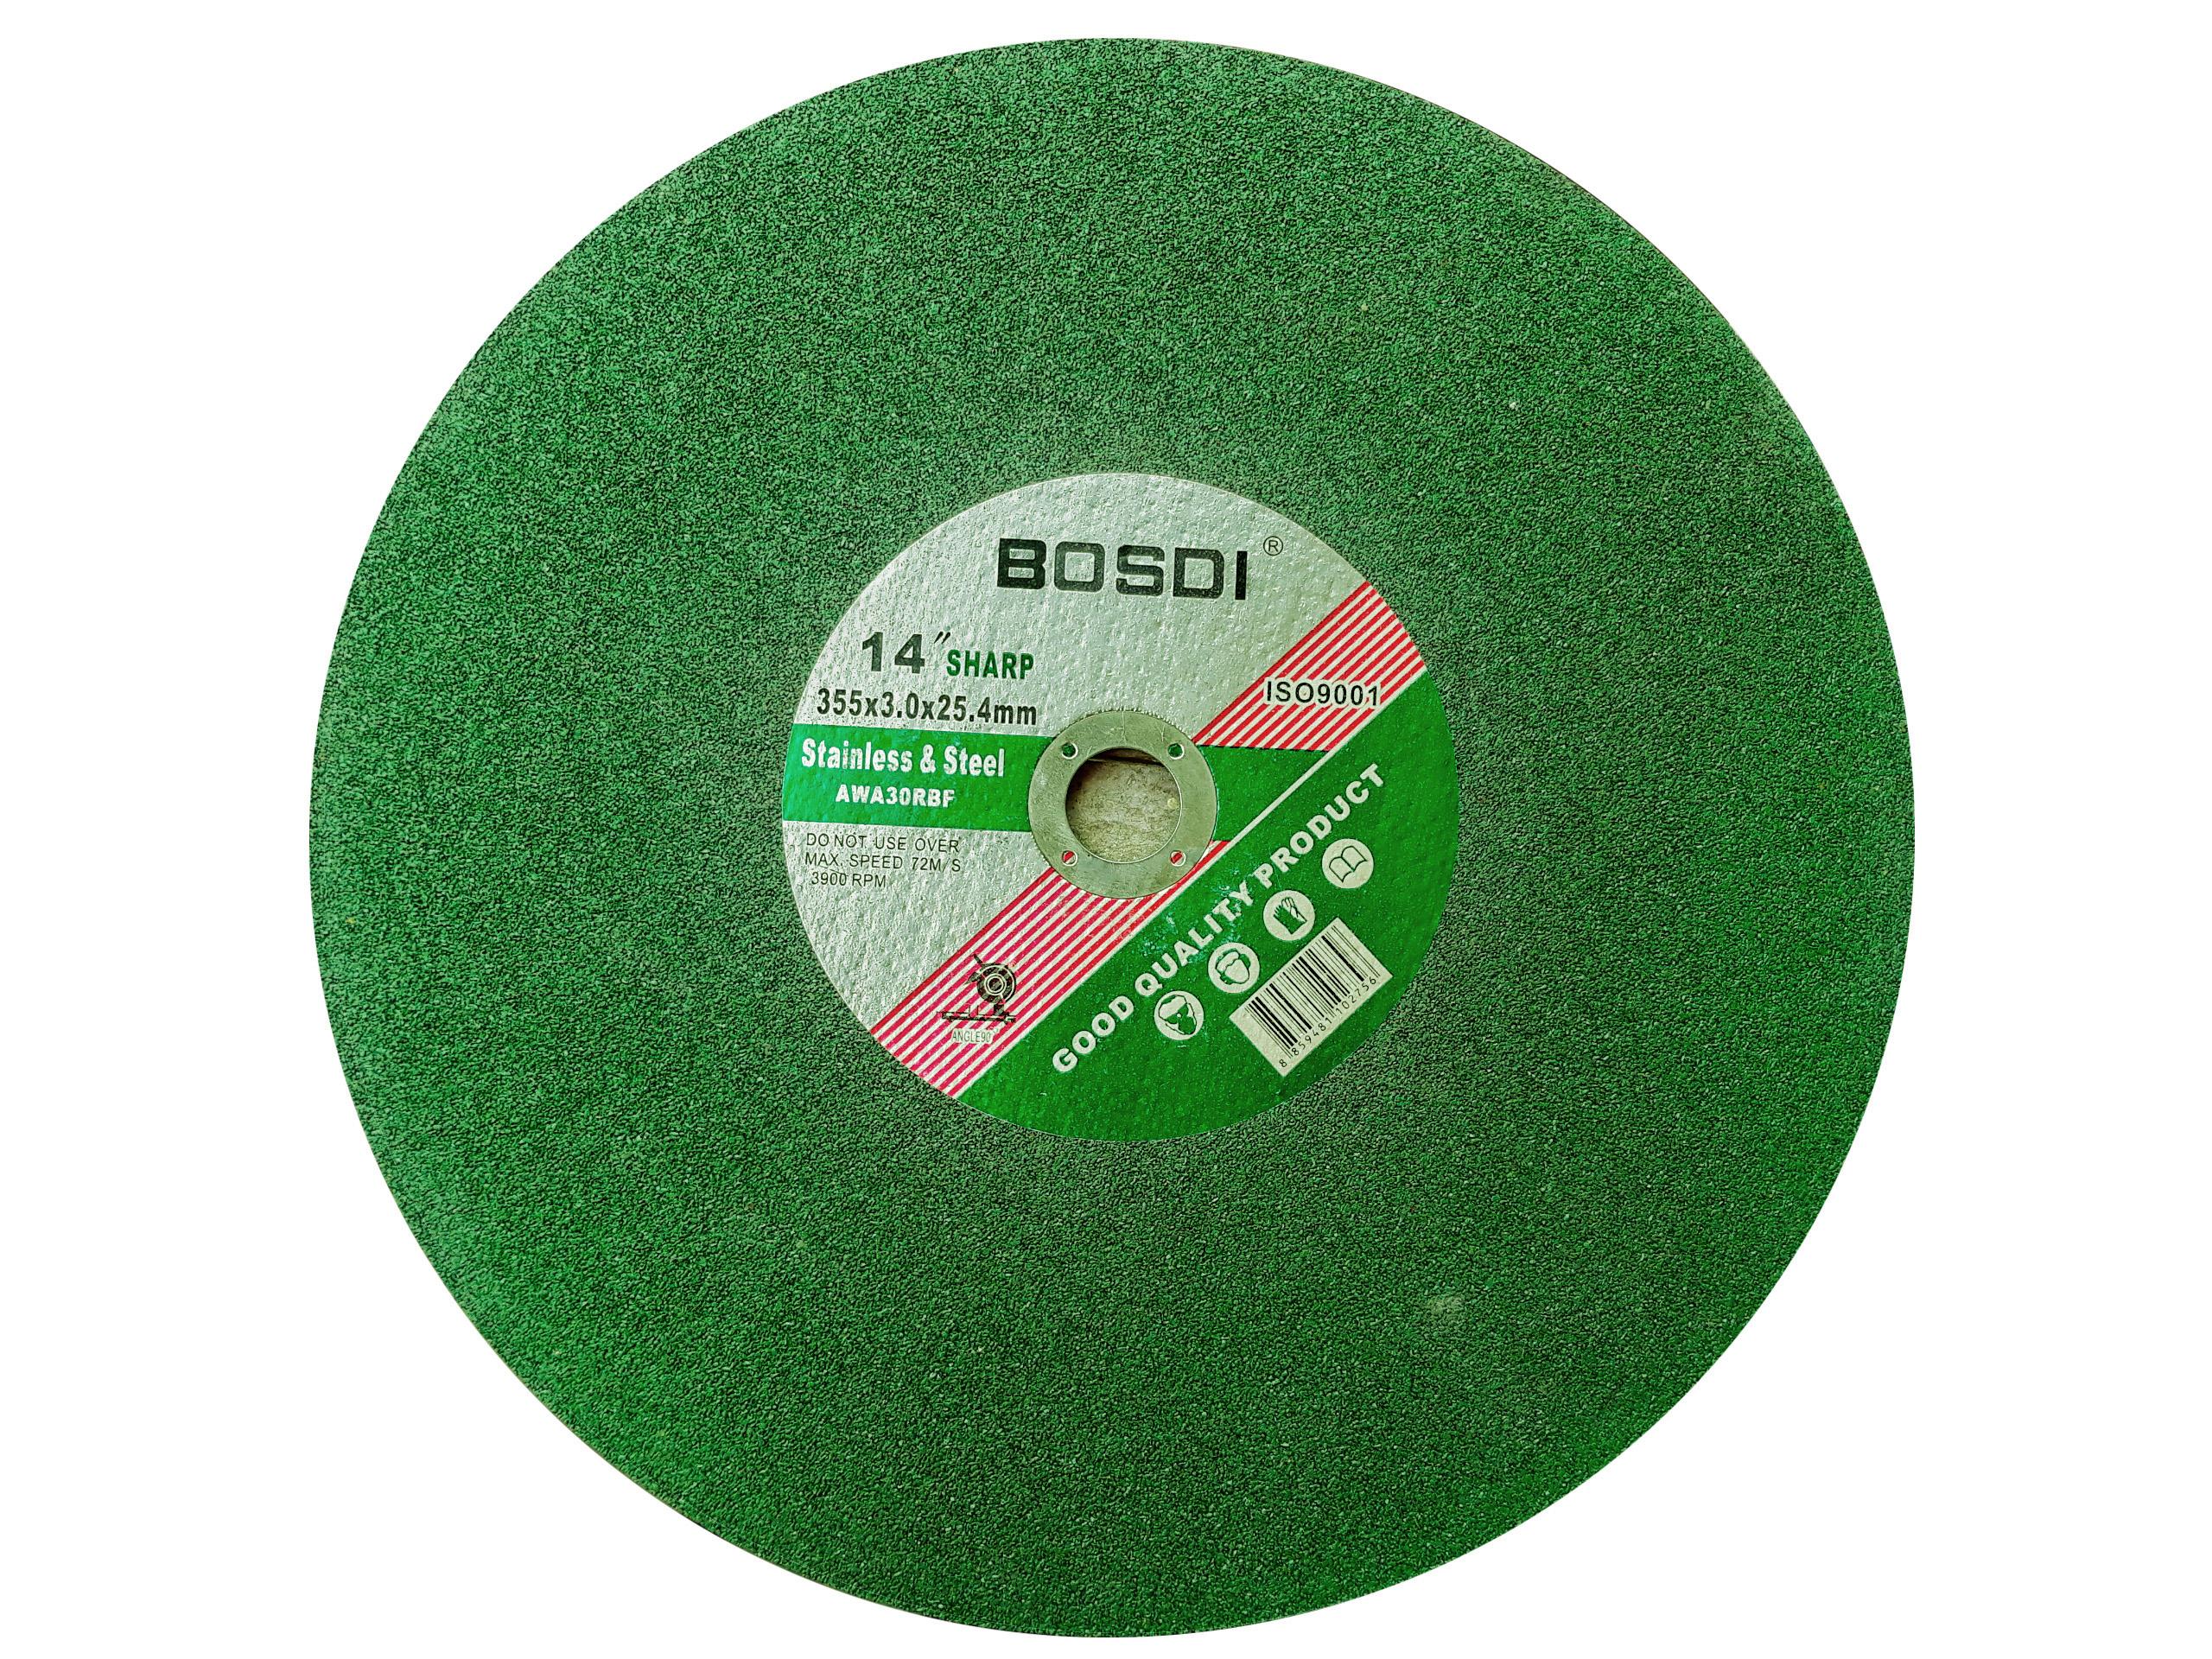 Đá cắt xanh BOSDI 355x0.3x25.4